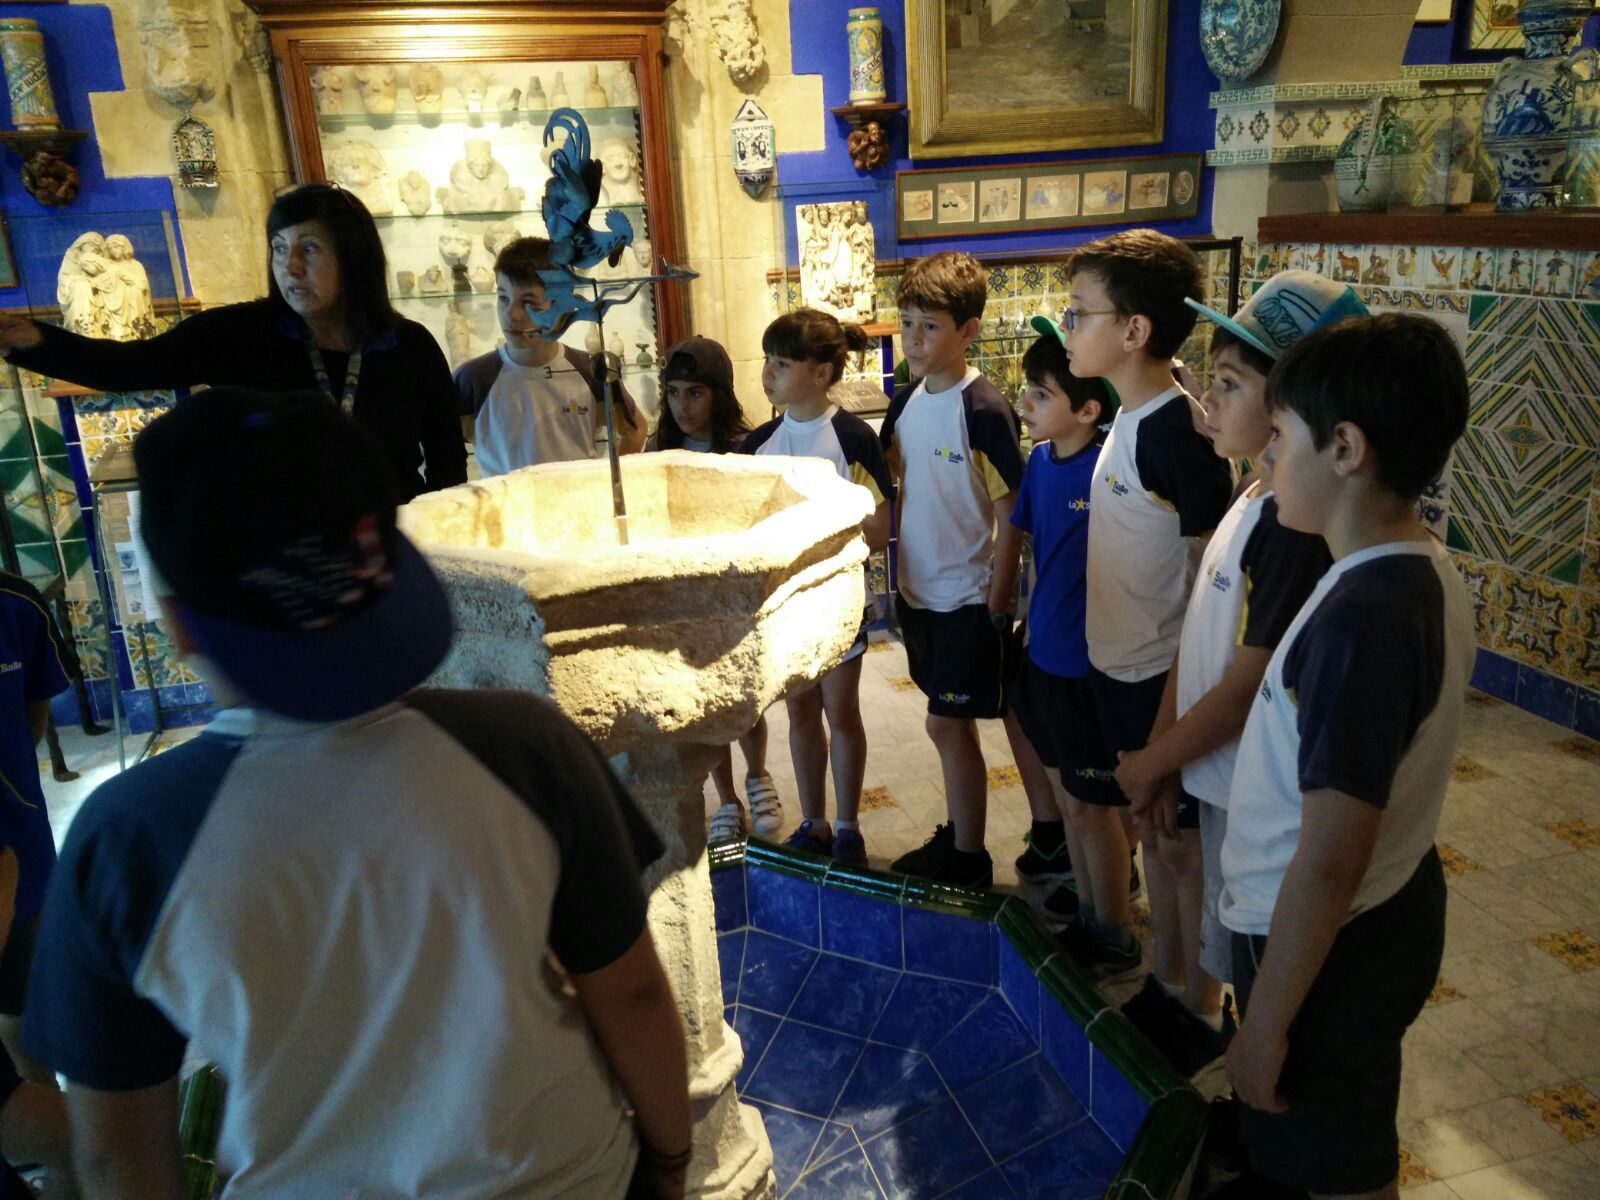 Els alumnes de 5è de Primària visiten el Museu del Cau Ferrat, a Sitges